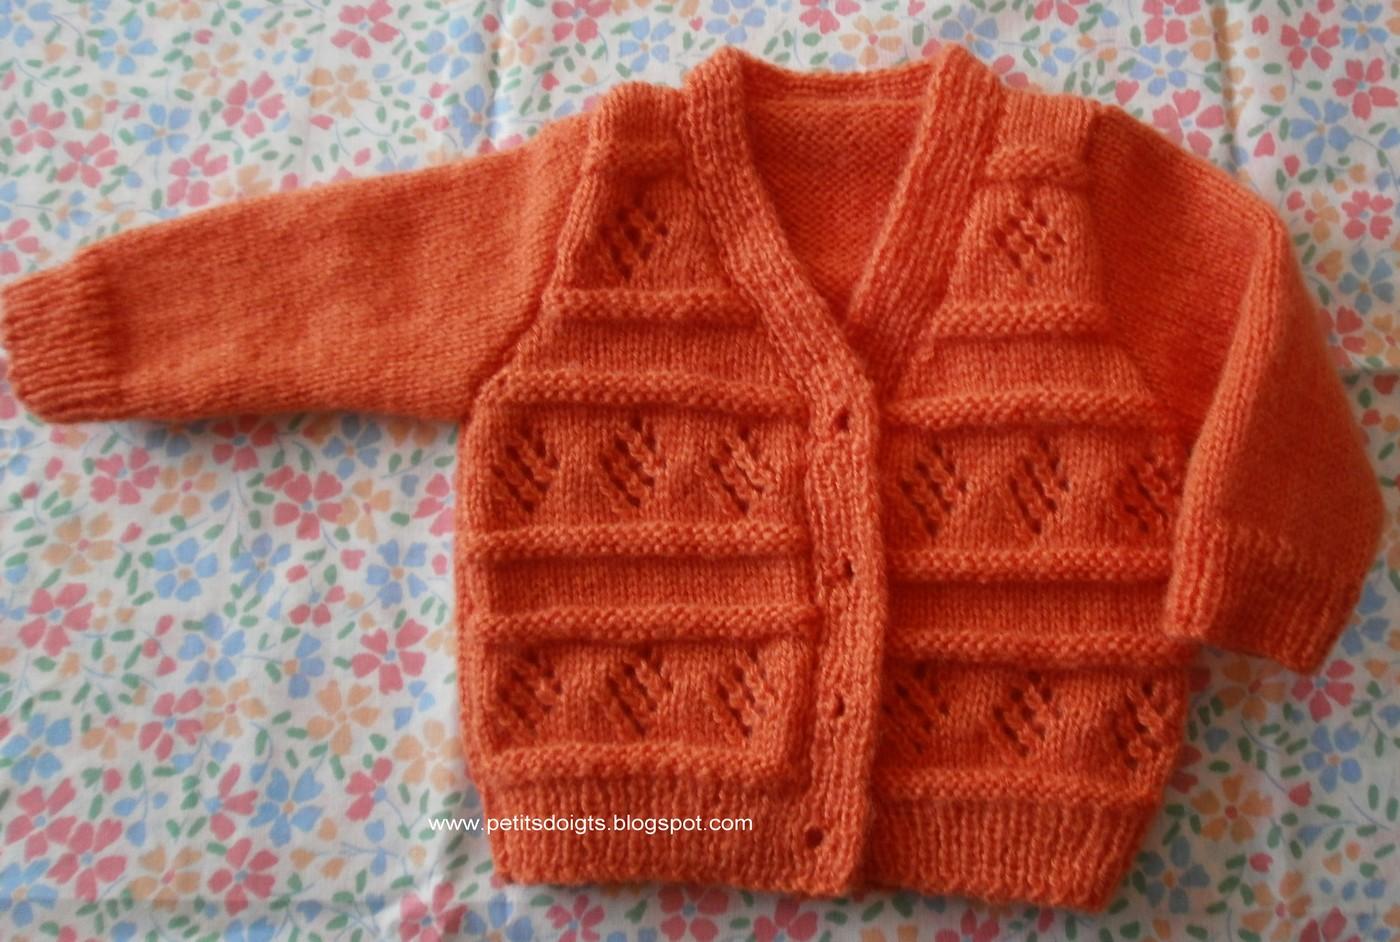 Petits doigts octobre 2012 - Les points au tricot ...